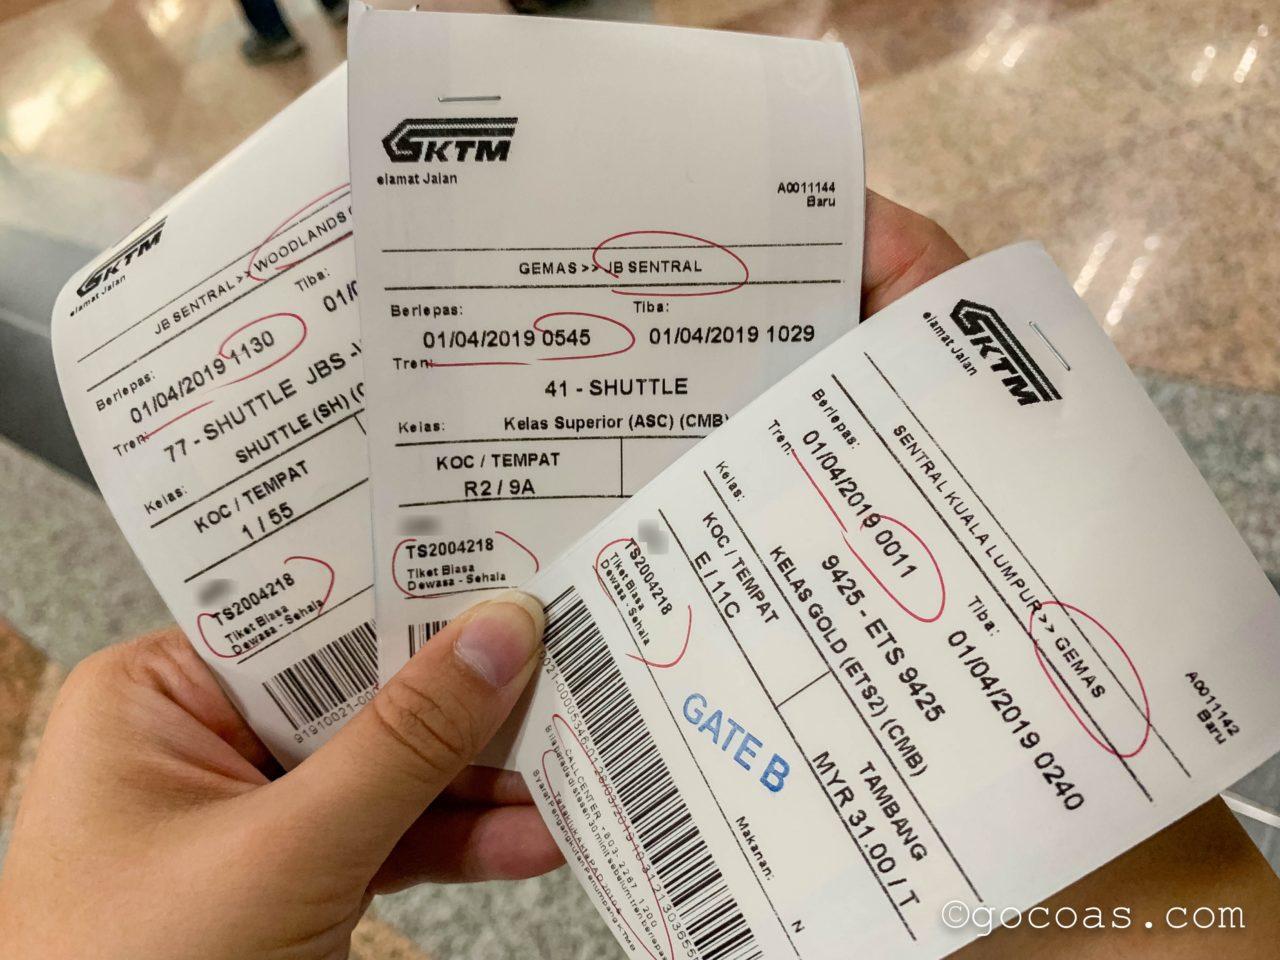 KLセントラル駅で購入したシンガポールのウッドランズ駅へ行く電車の3枚のチケット